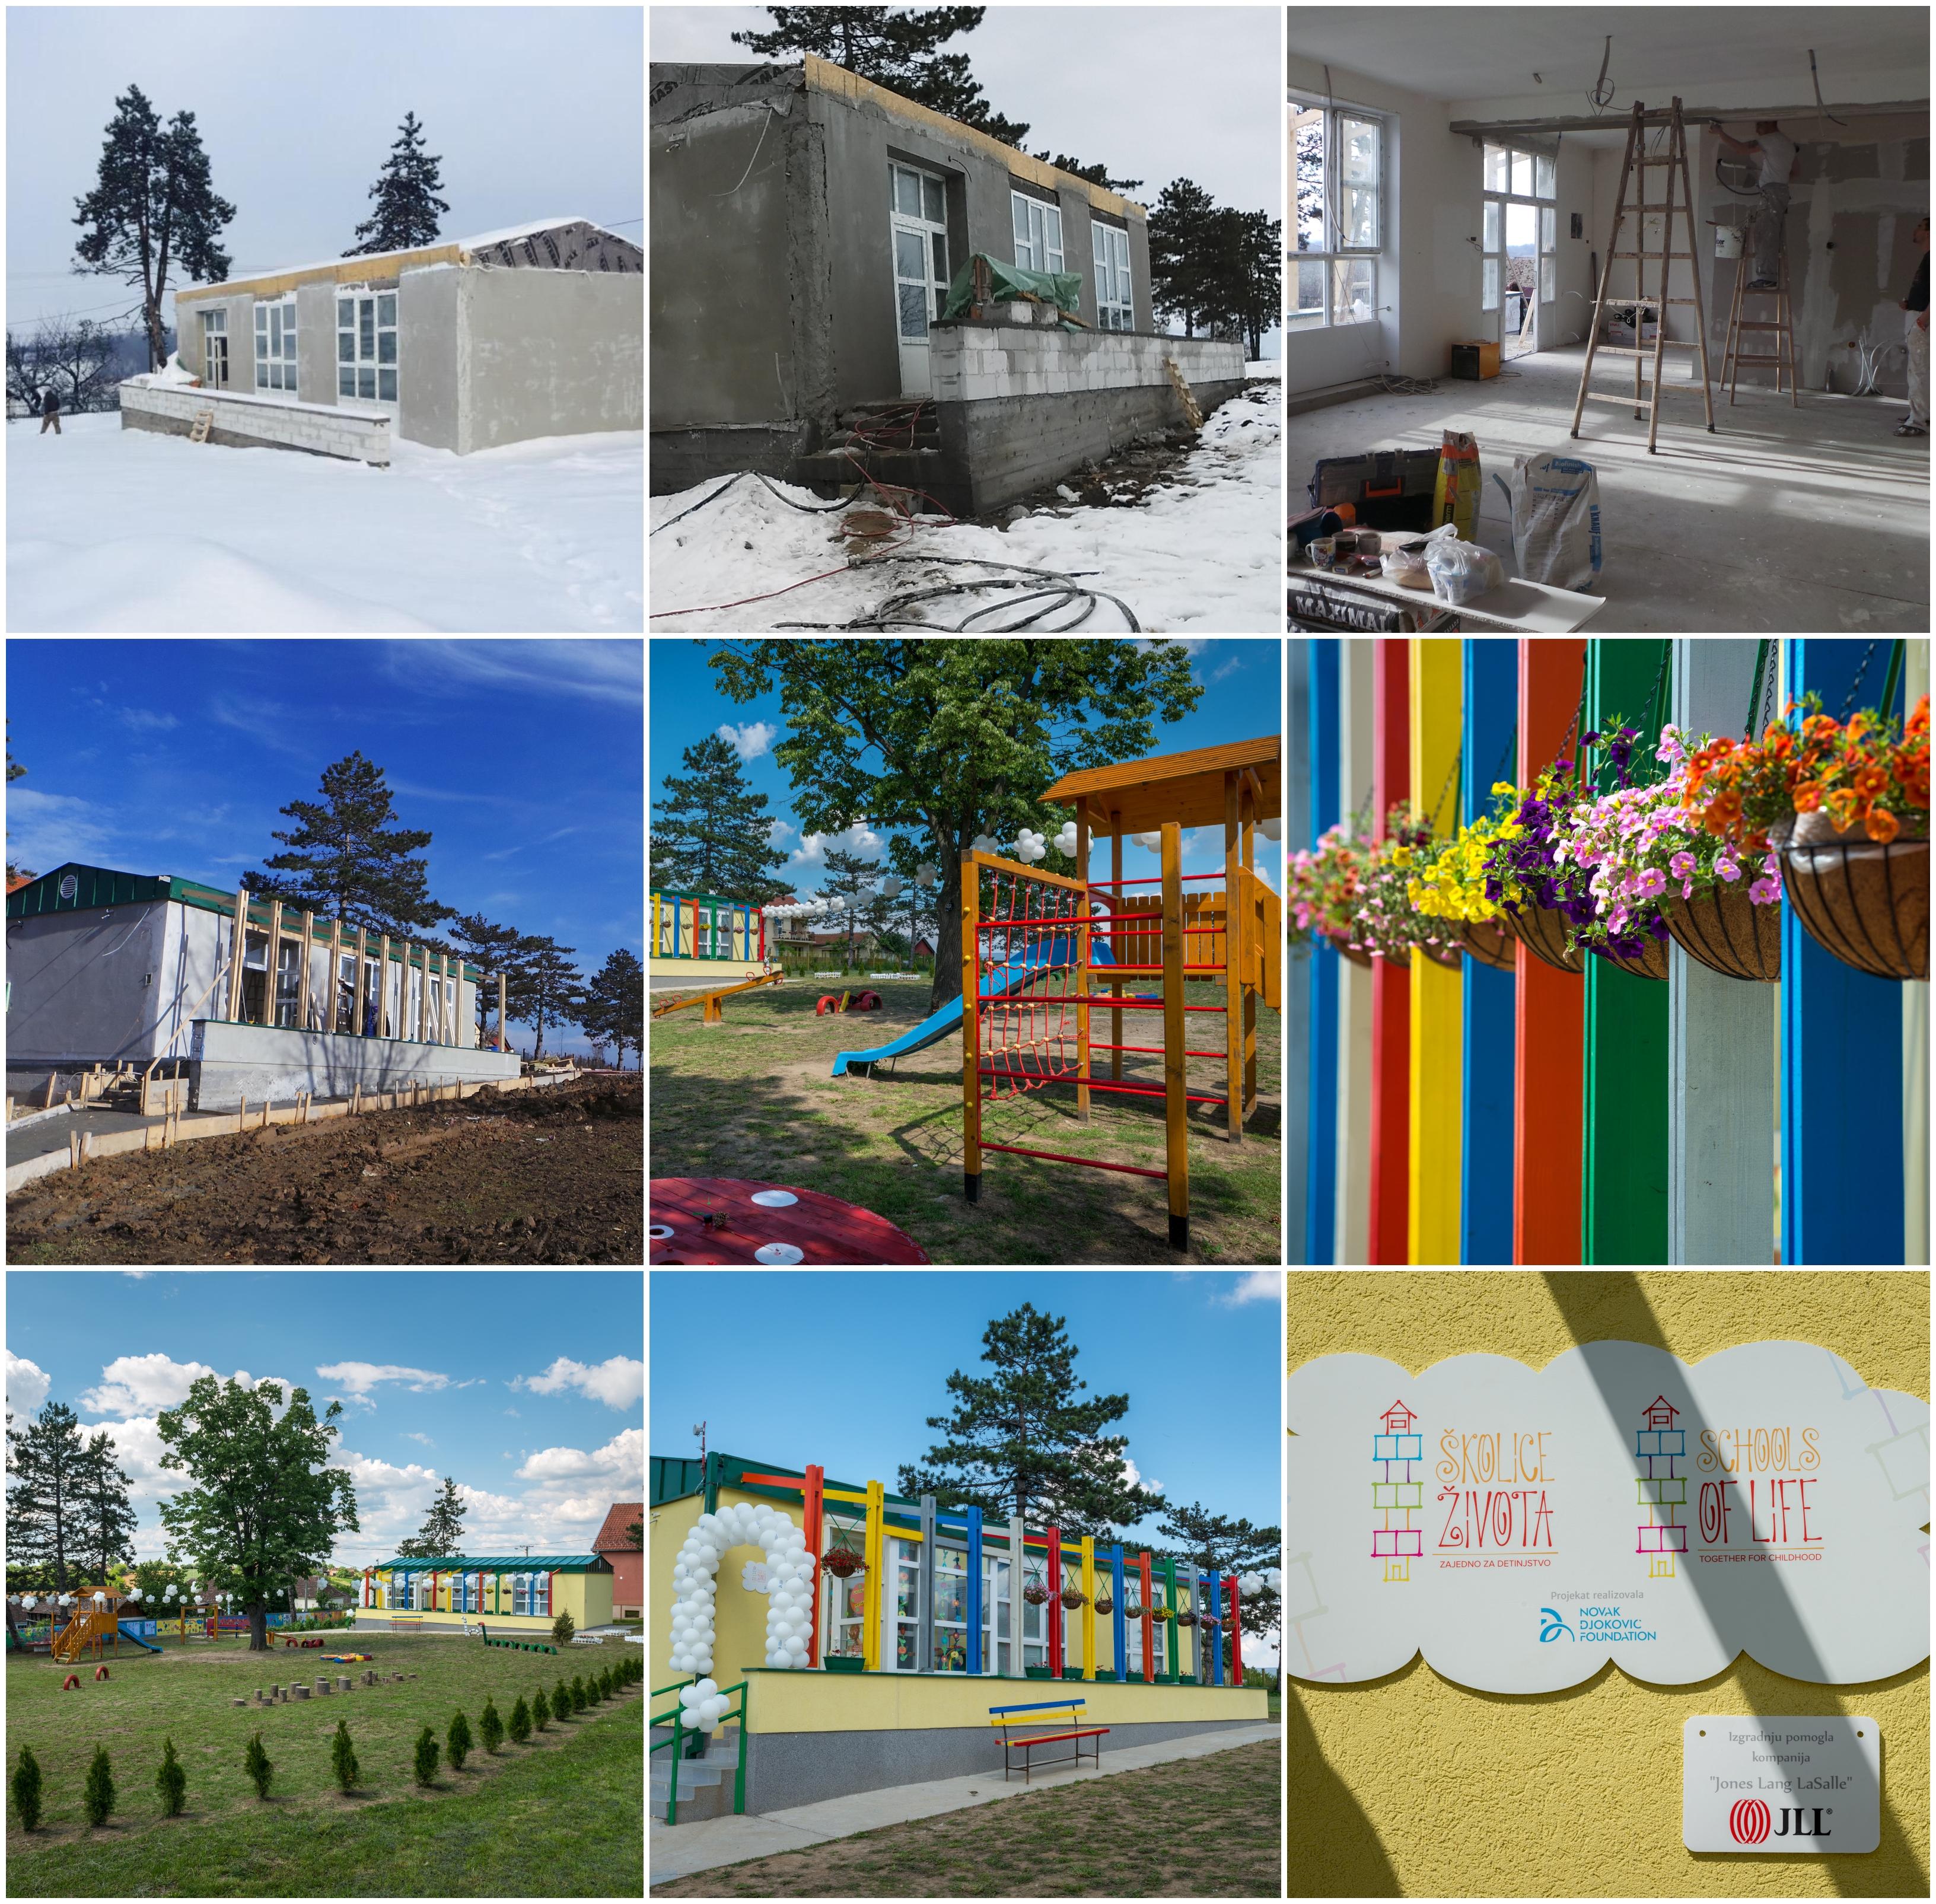 Izgradnja Školice života u Jaloviku, opština Vladimirci.